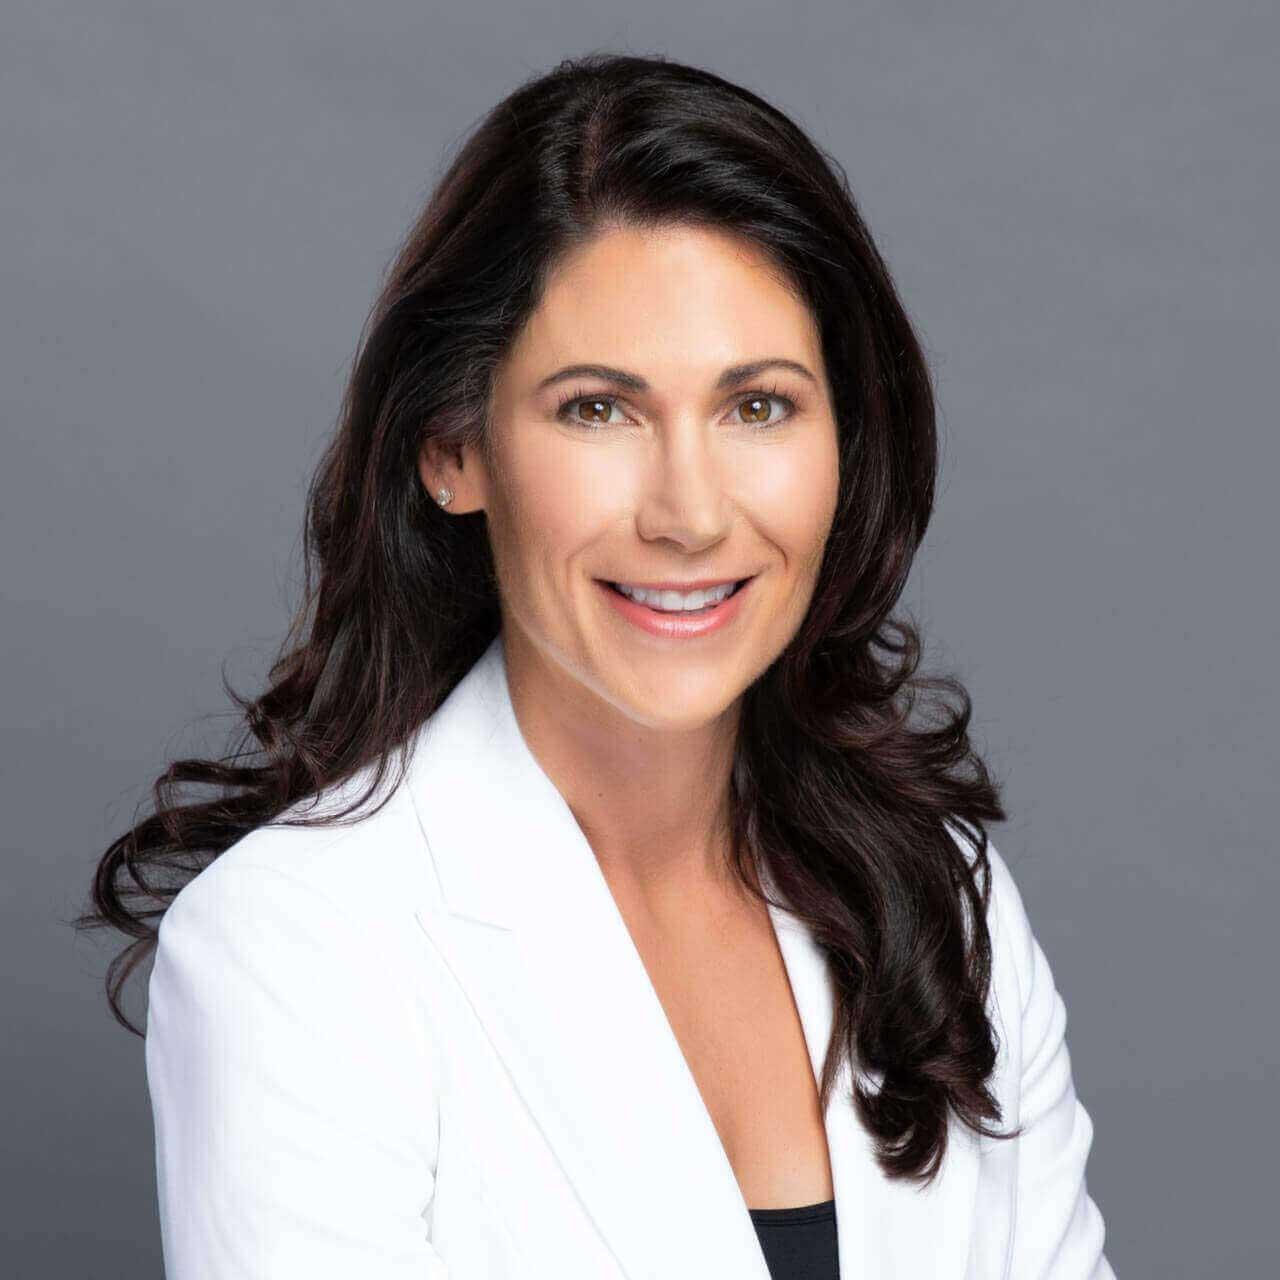 Sharon Ozdarski